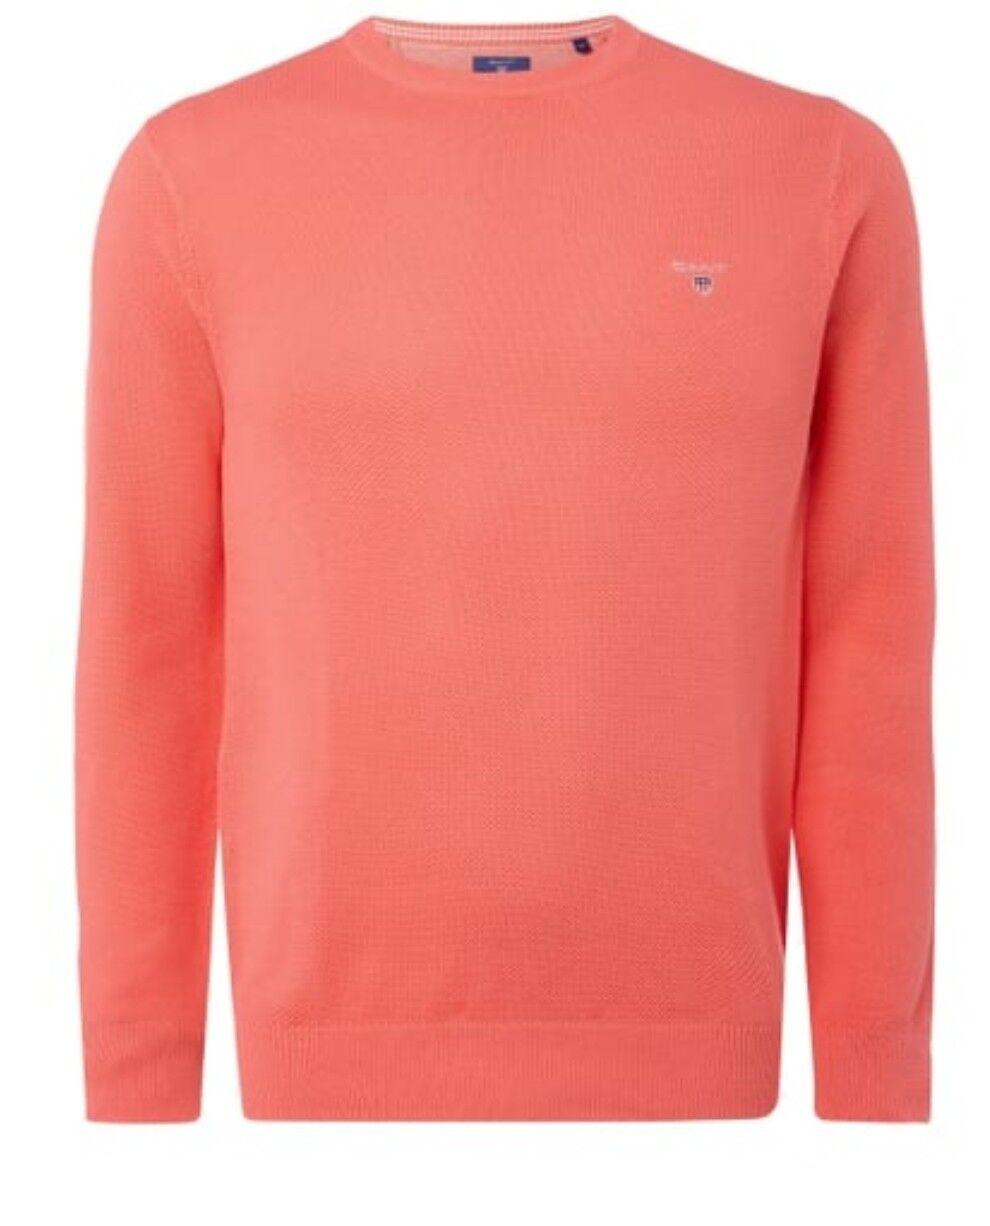 GANT Pullover Gr.2XL   Cotton Wool   Koralle Herren ORIGINAL